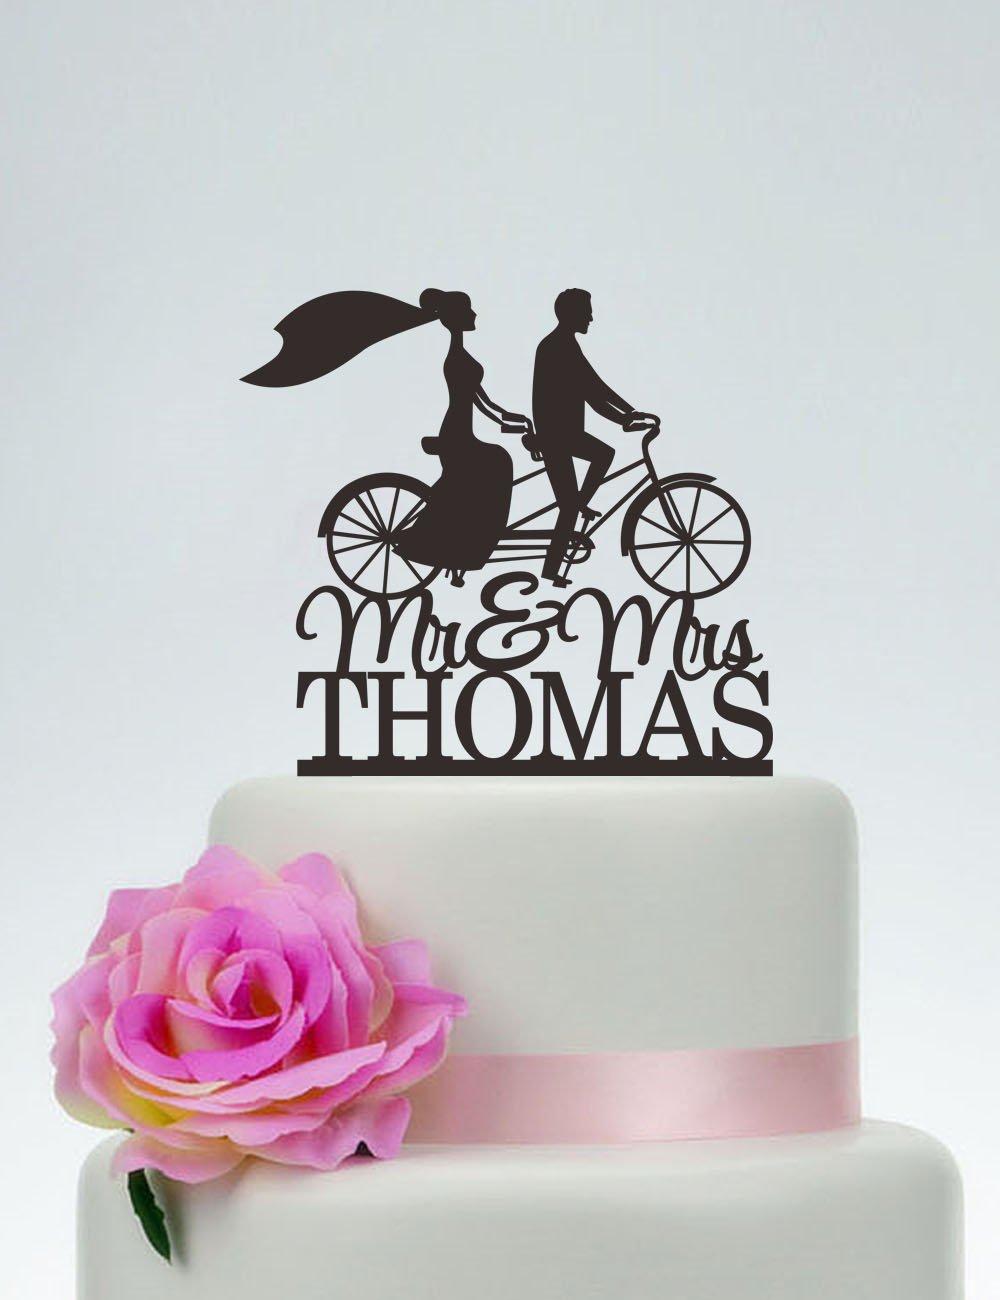 Decoración para tarta de bicicleta de boda, personalizada con el último nombre, decoración para tarta de boda, novia y novio, siluetas en bicicleta, silueta para tarta de bicicleta: Amazon.es: Hogar